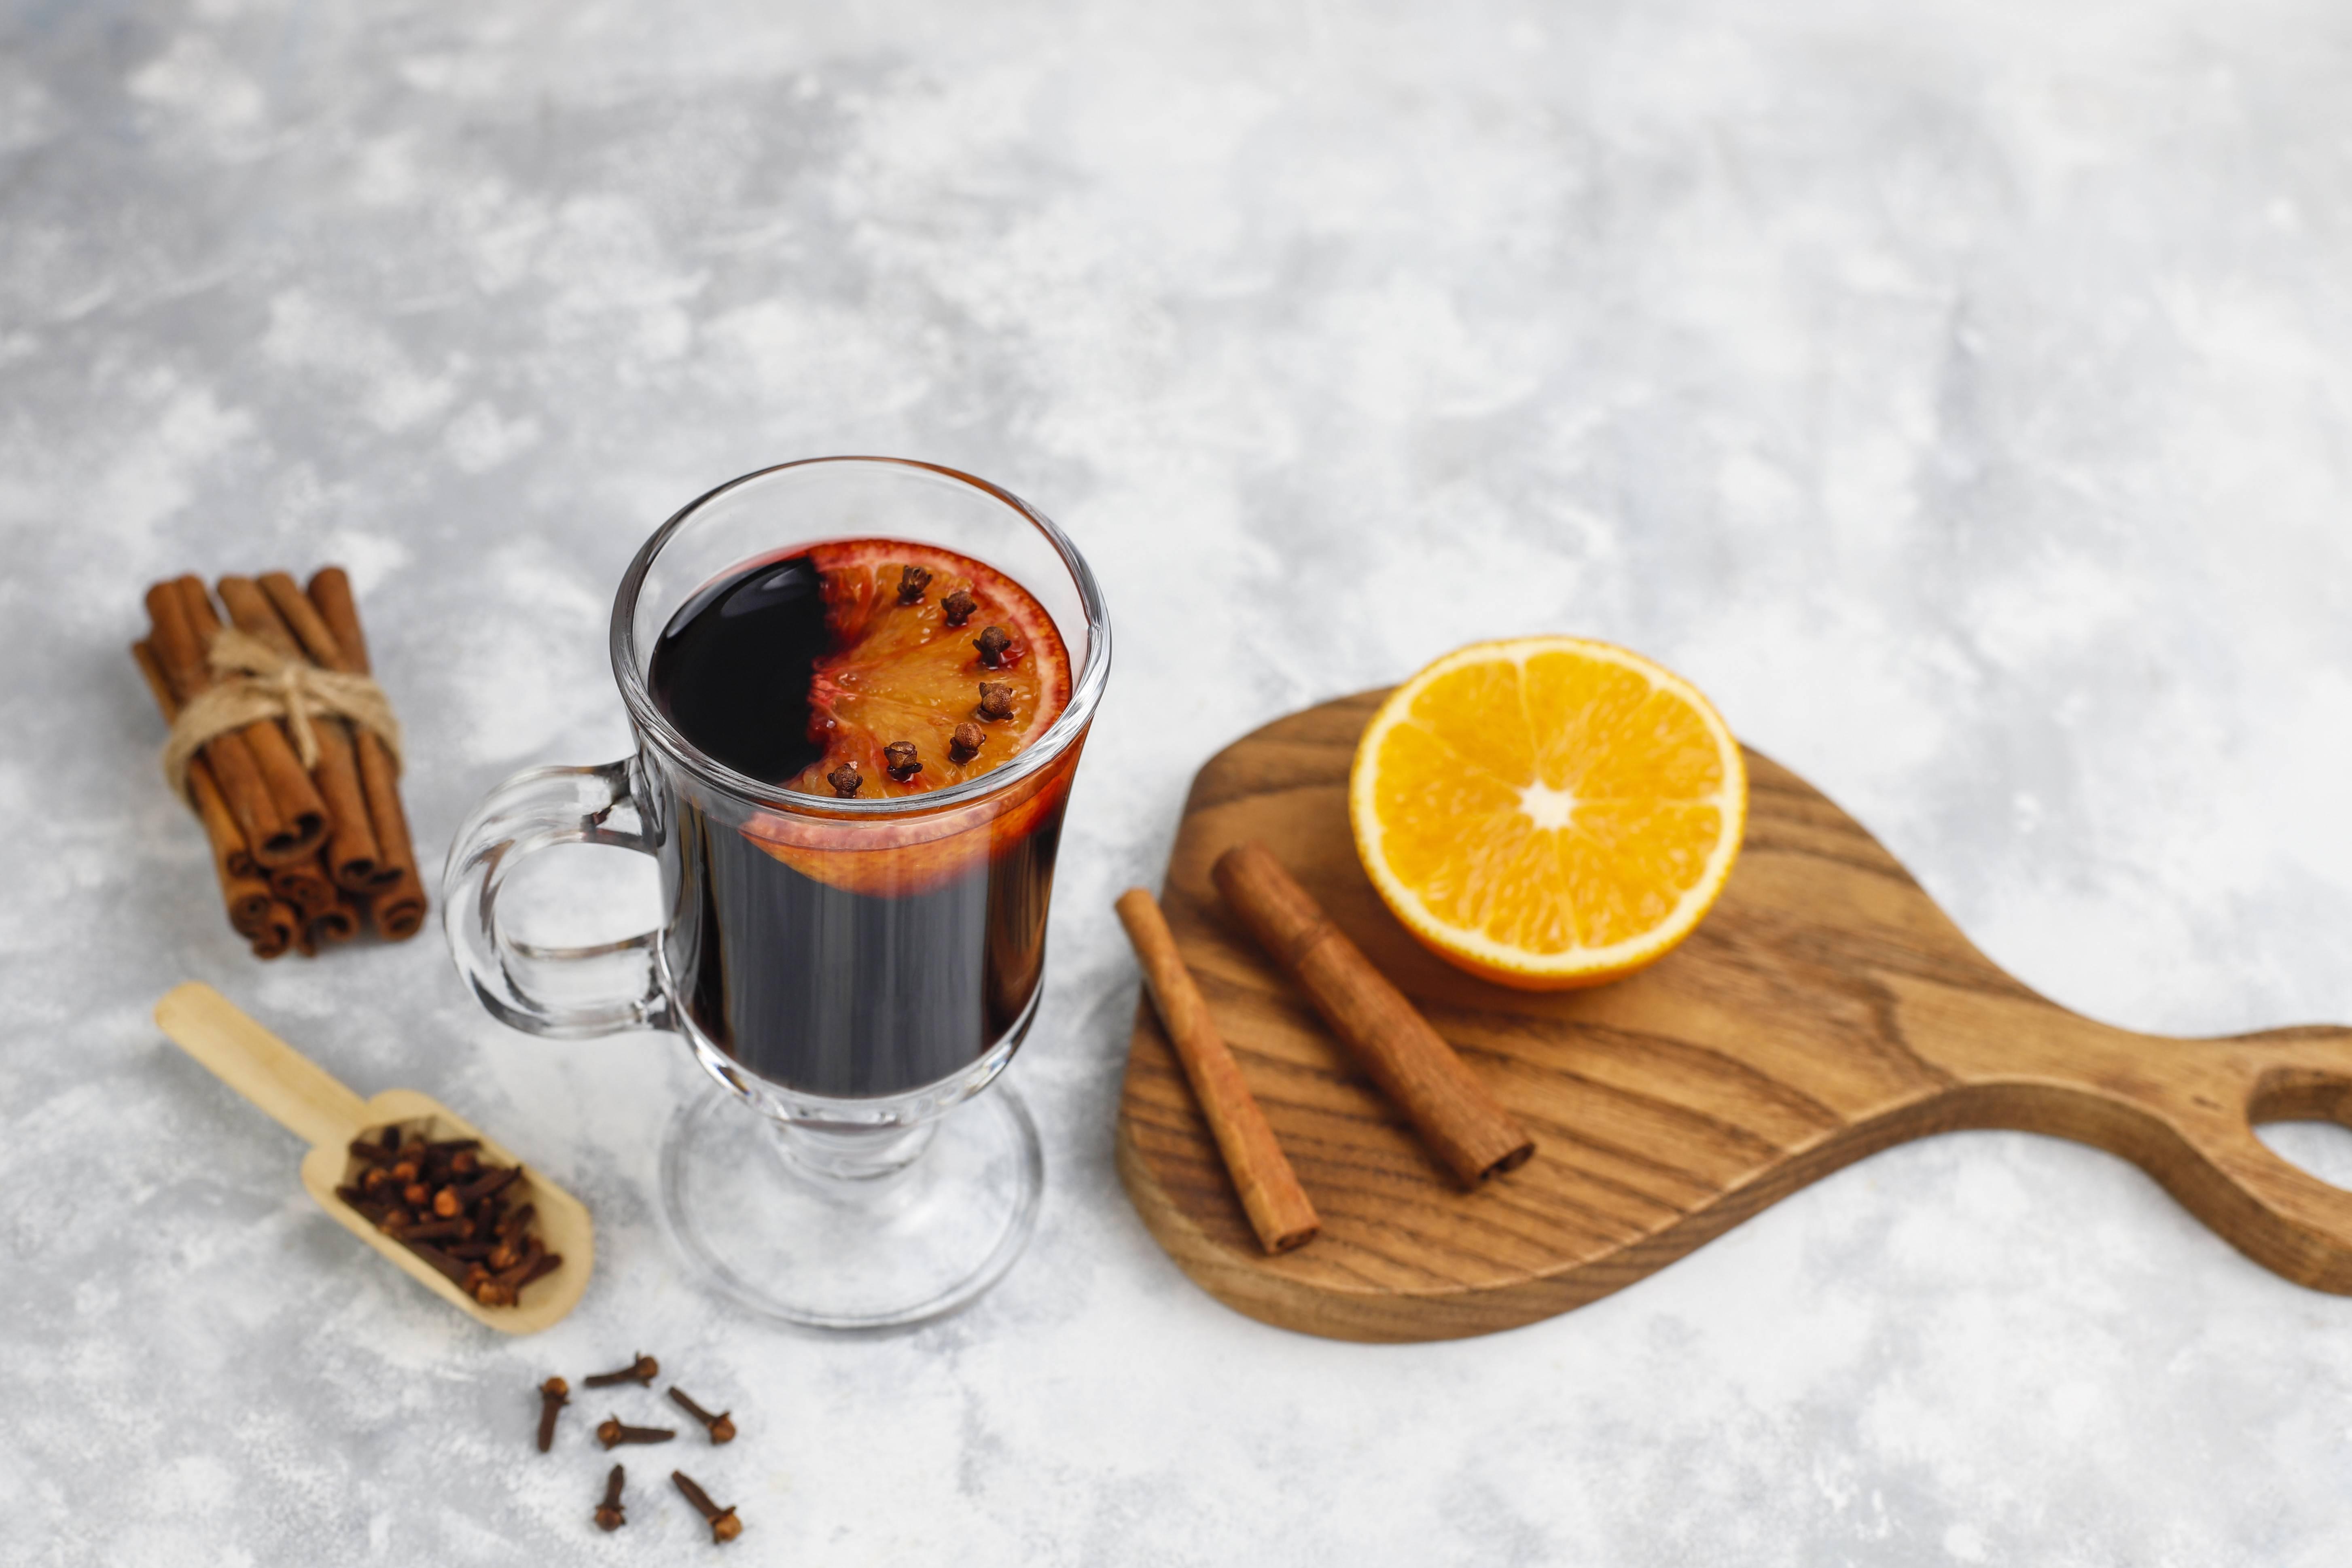 Черный чай | великий чайный путь - страница 34